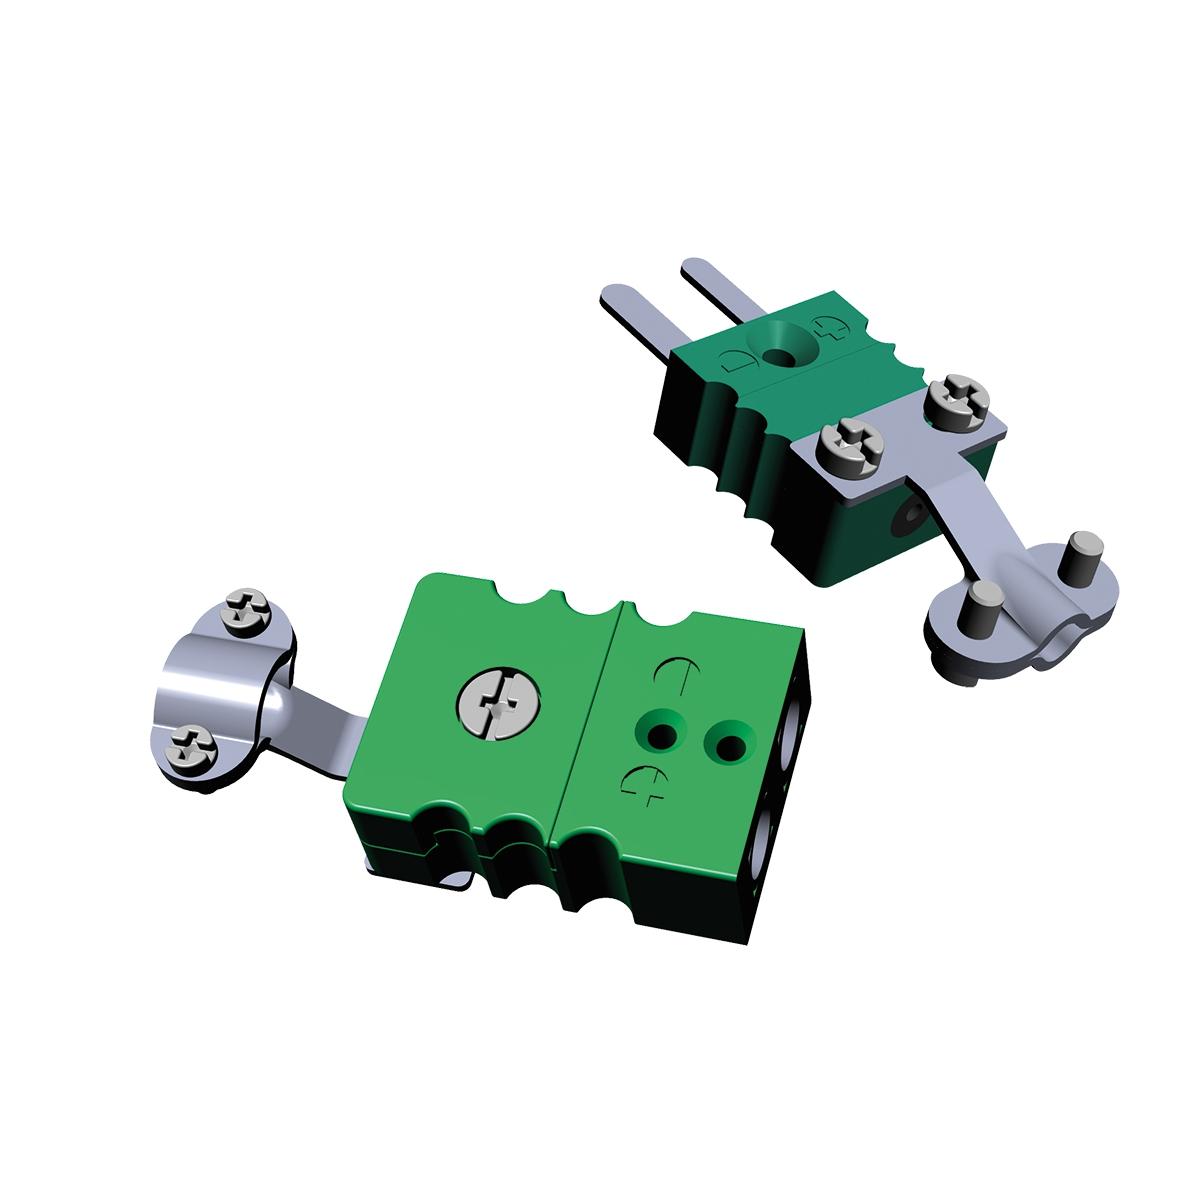 Разъем для преобразователей термоэлектрических ОВЕН Розетка мини, тип S